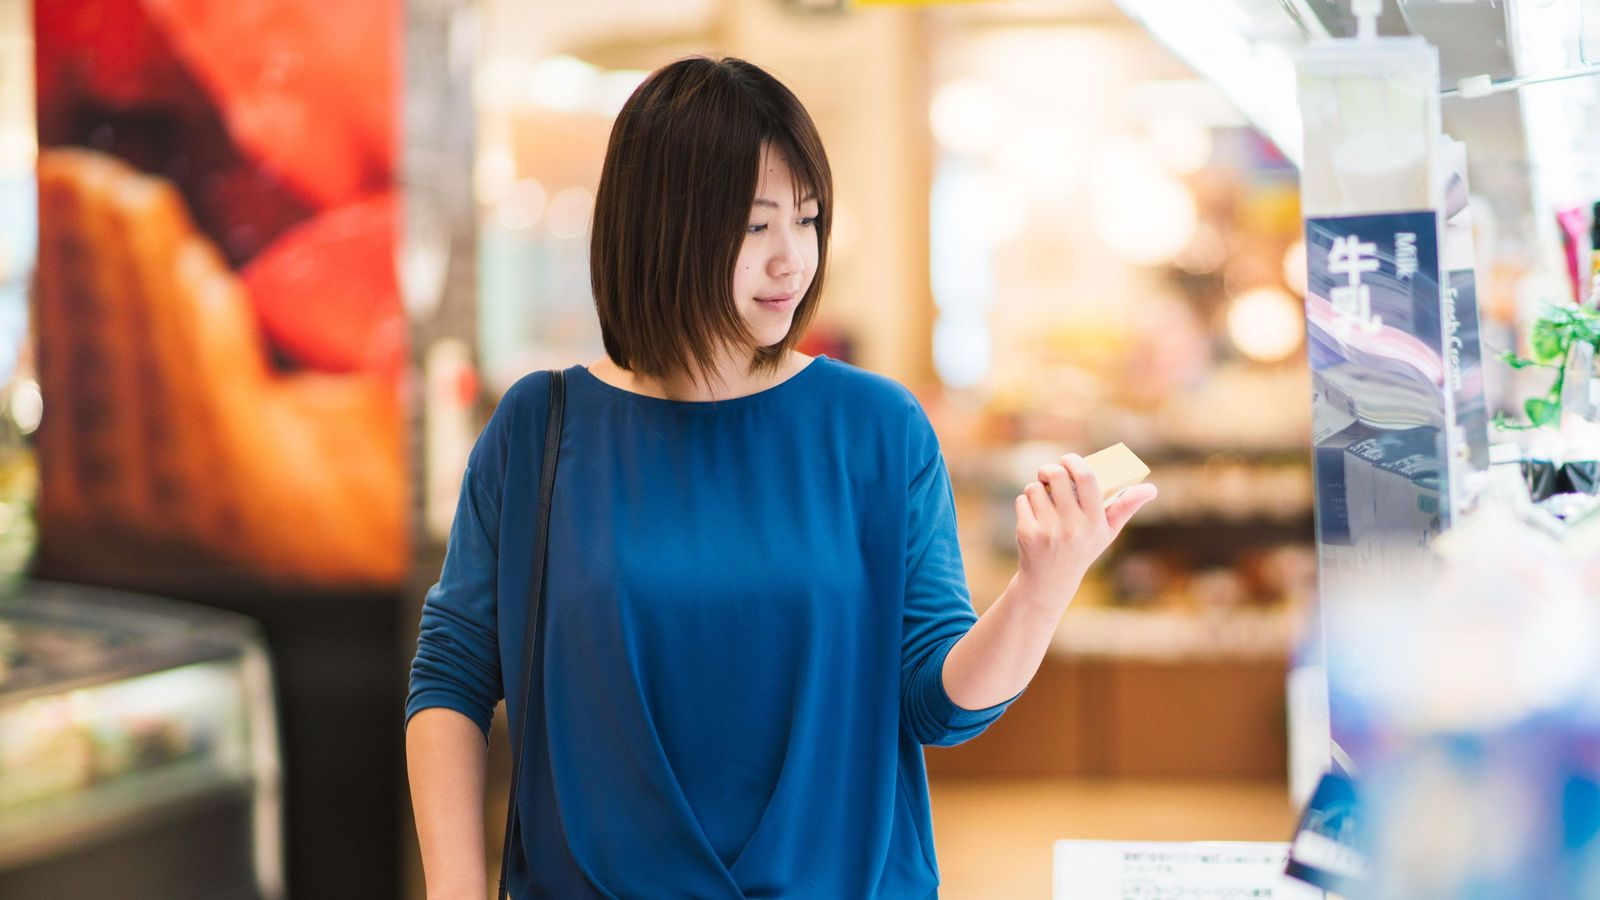 消費税10%をテコに客をおびき寄せる賢い戦略